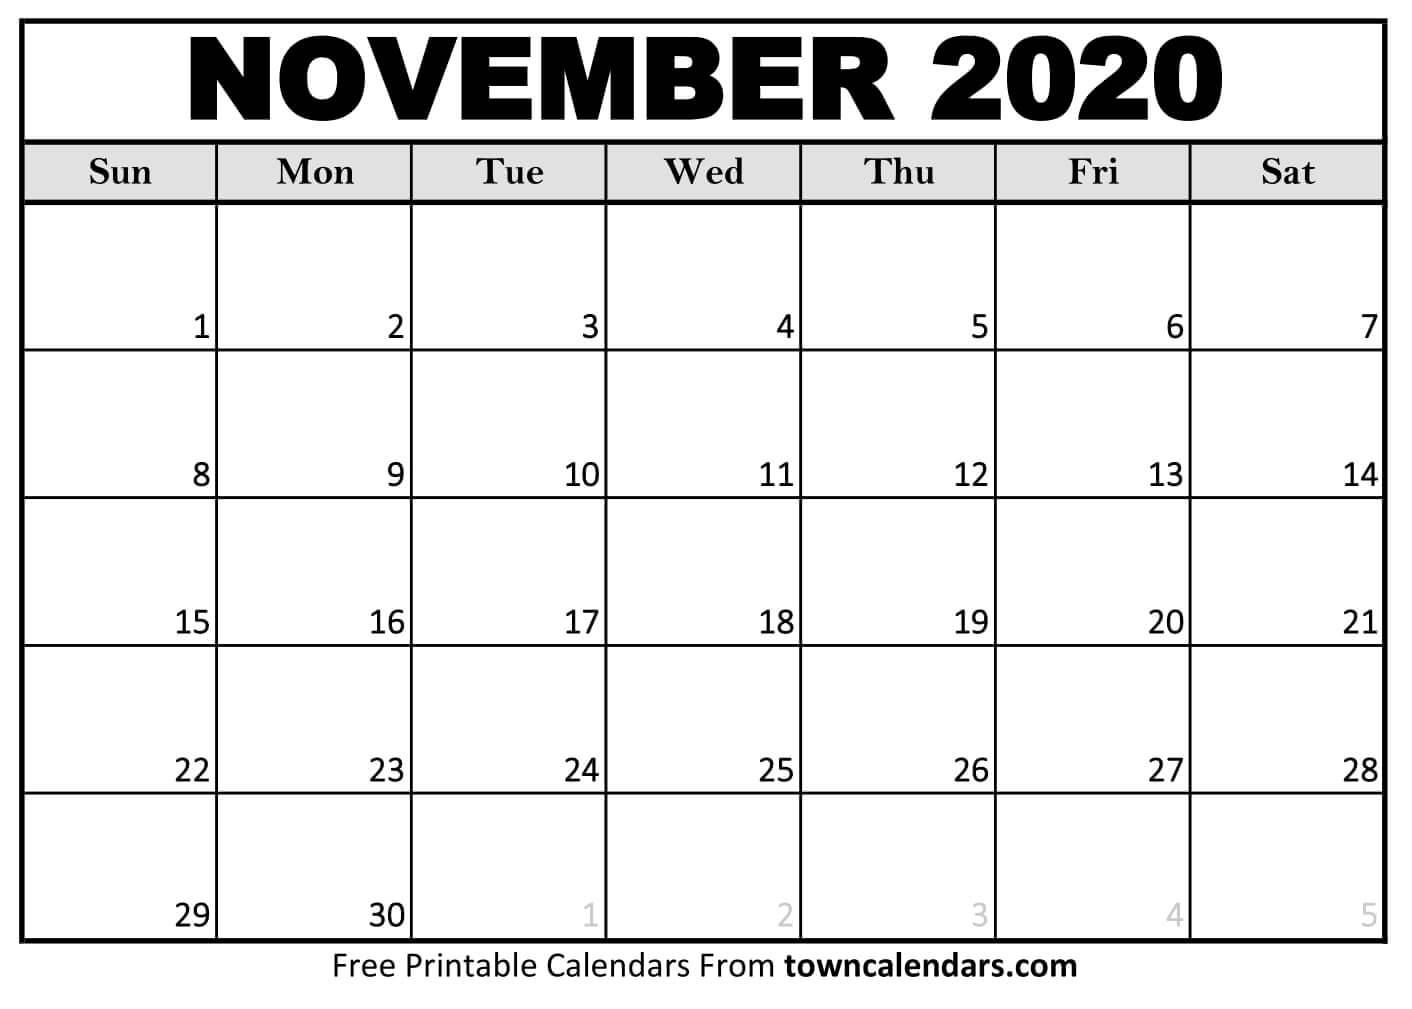 Printable November 2020 Calendar - Towncalendars November 2020 - March 2021 Calendar